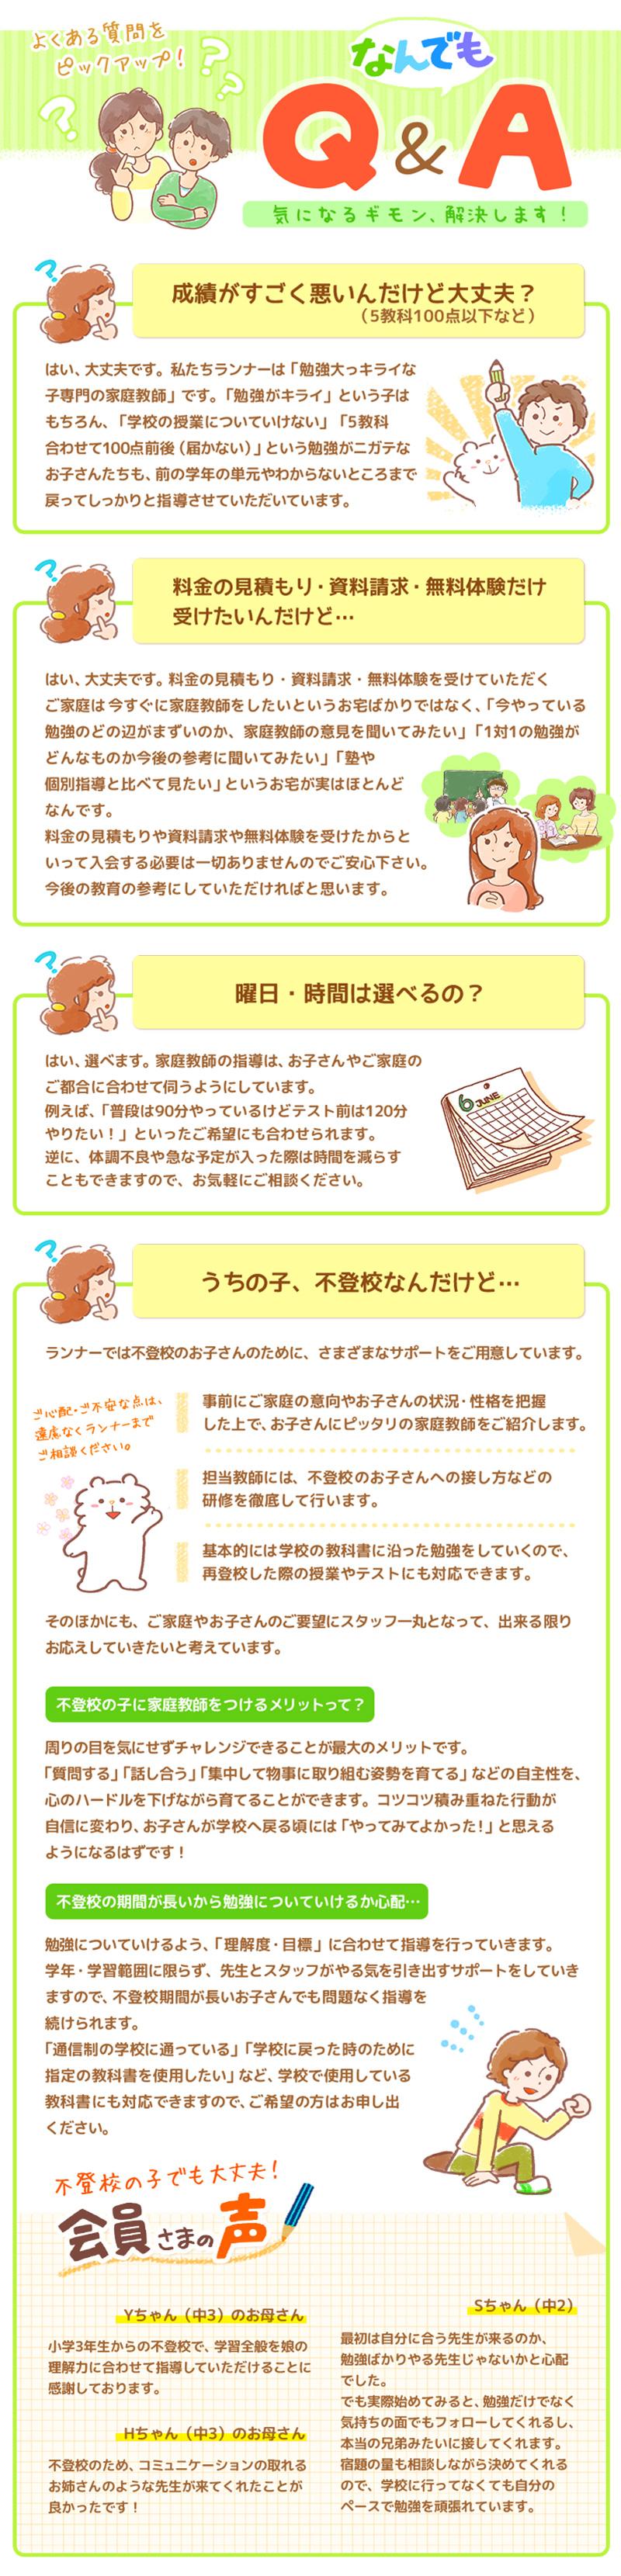 (熊本県のお客様のページ)なんでもQ&A